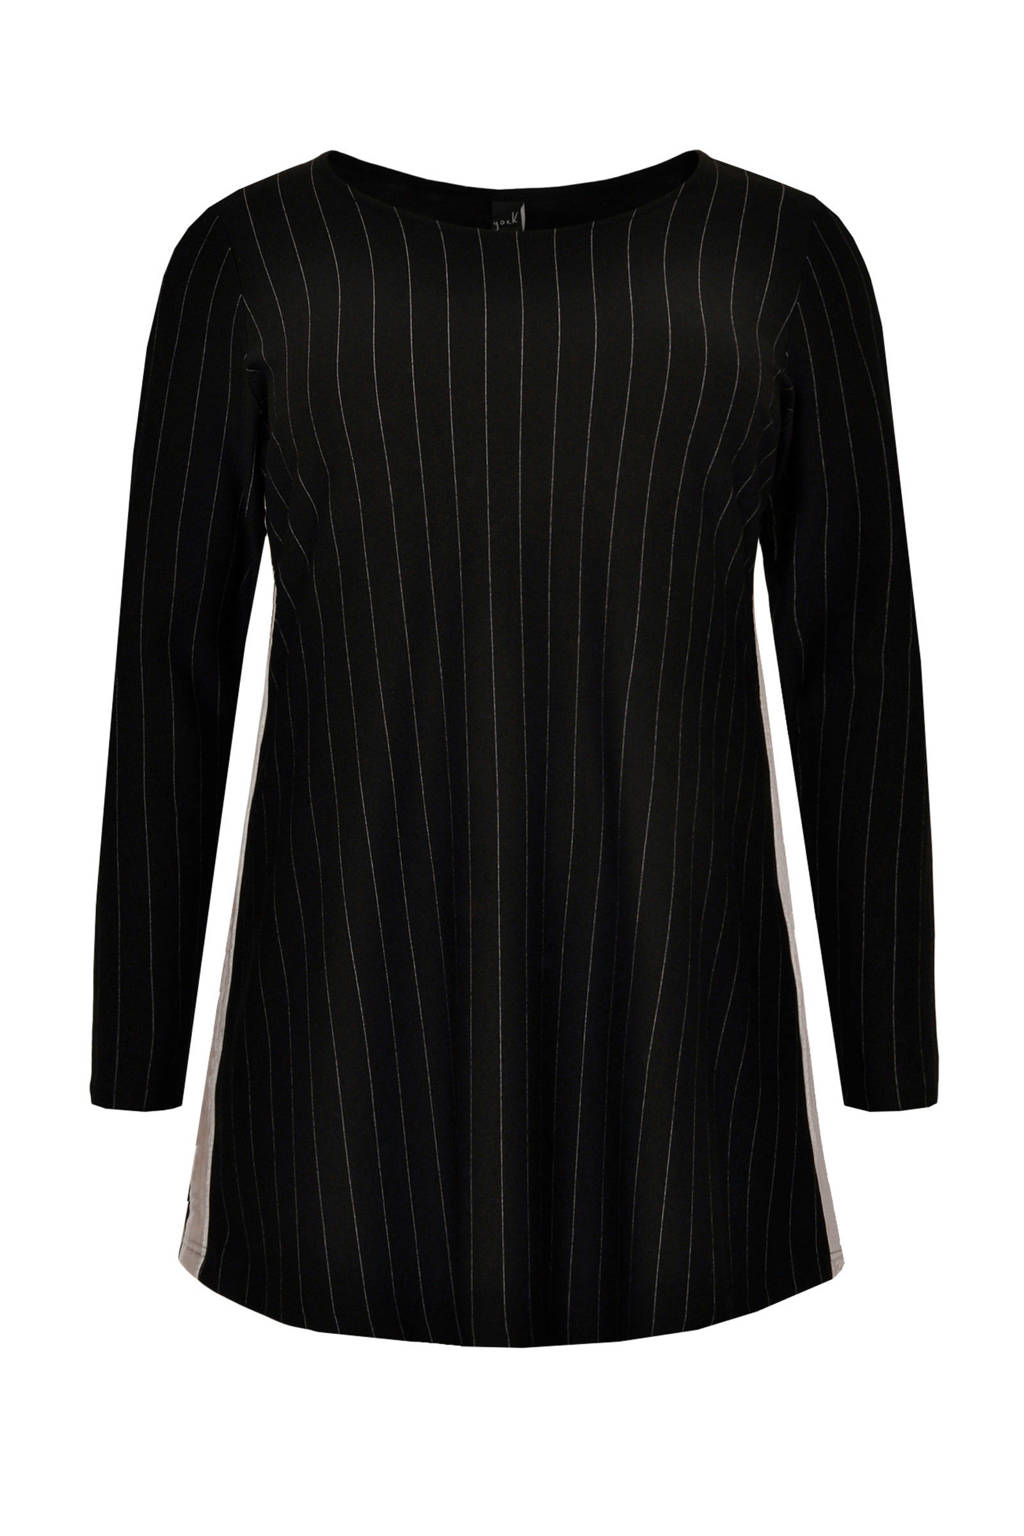 Yoek tuniek met contrastbies zwart/wit, Zwart/wit